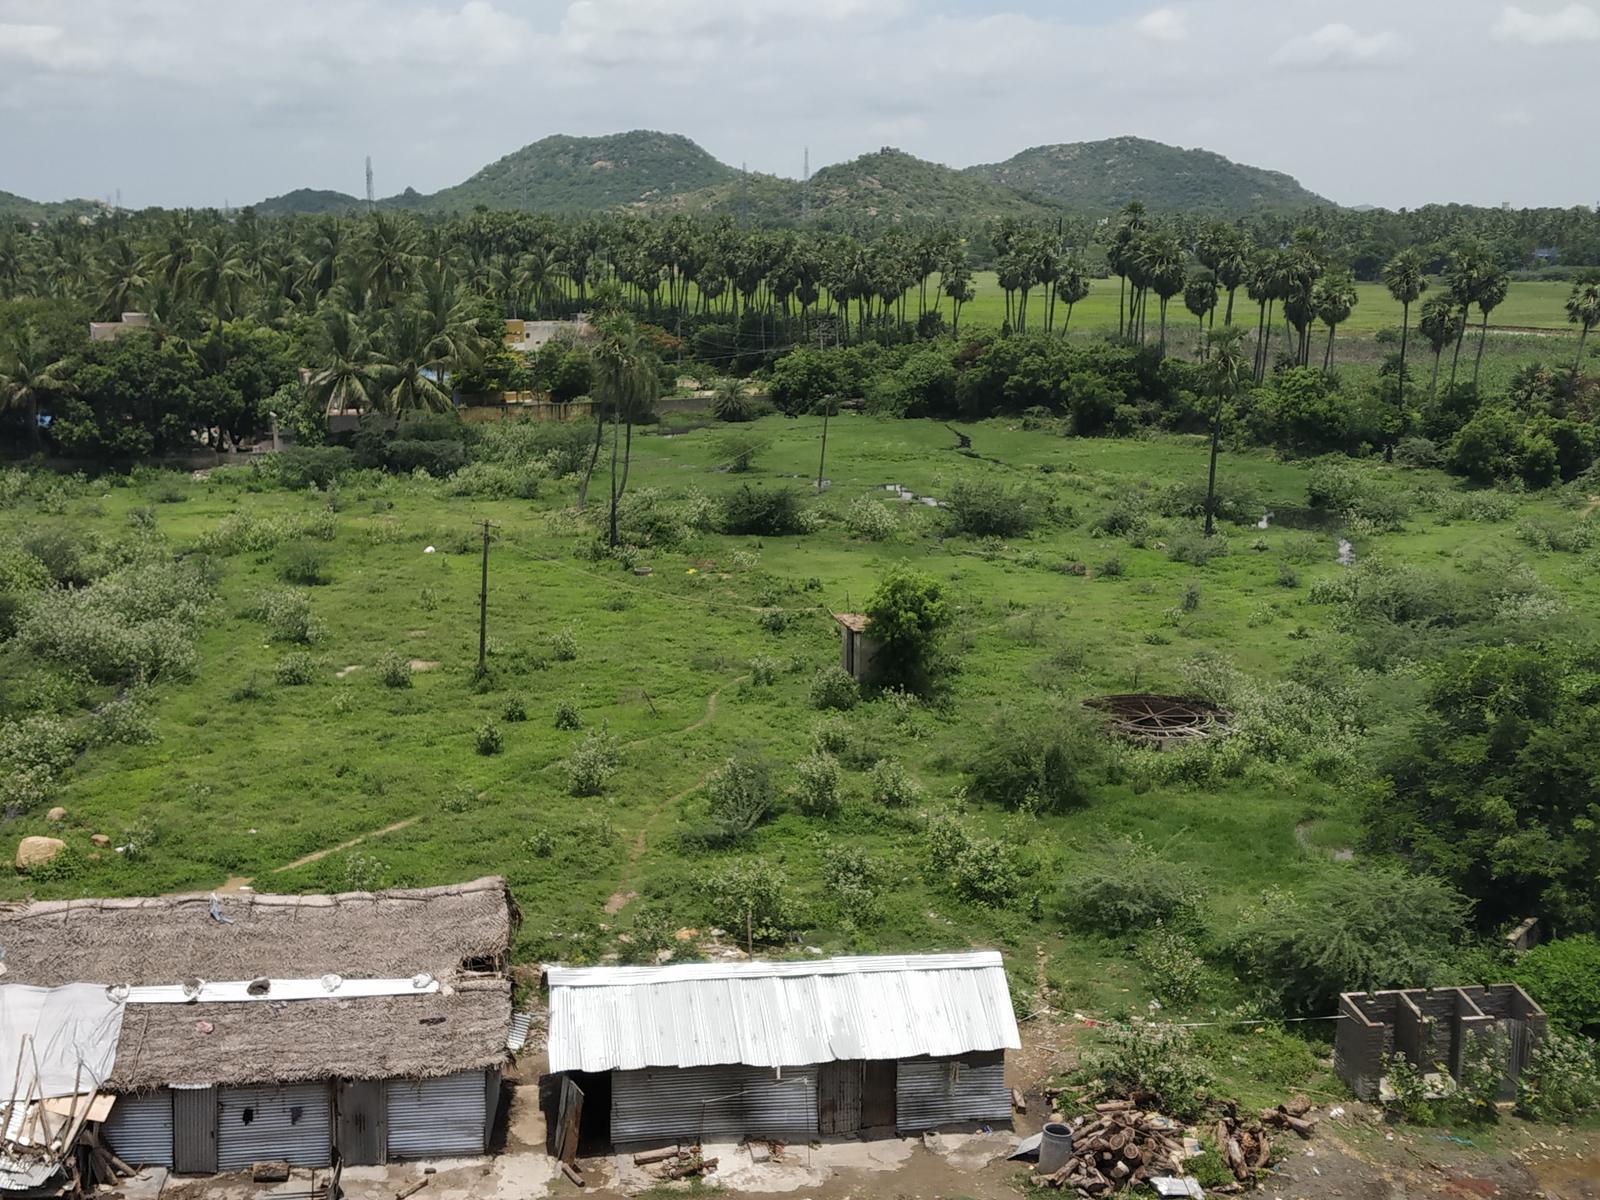 saneamiento y gestión de aguas residuales proyecto Chengalpattu